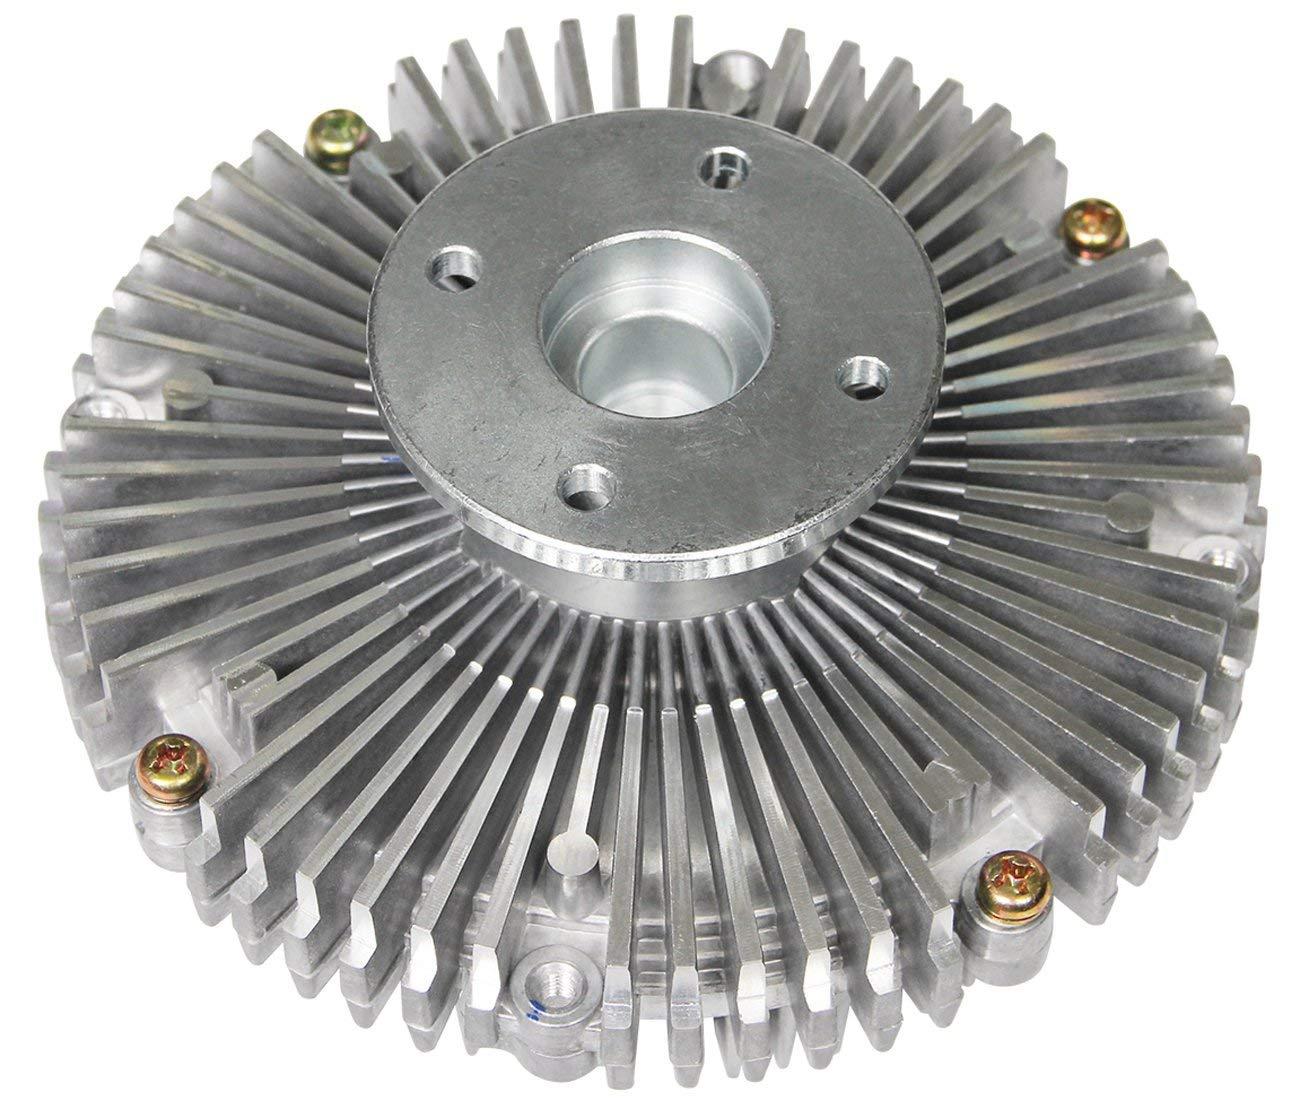 Hayden 3263 Thermal Fan Clutch